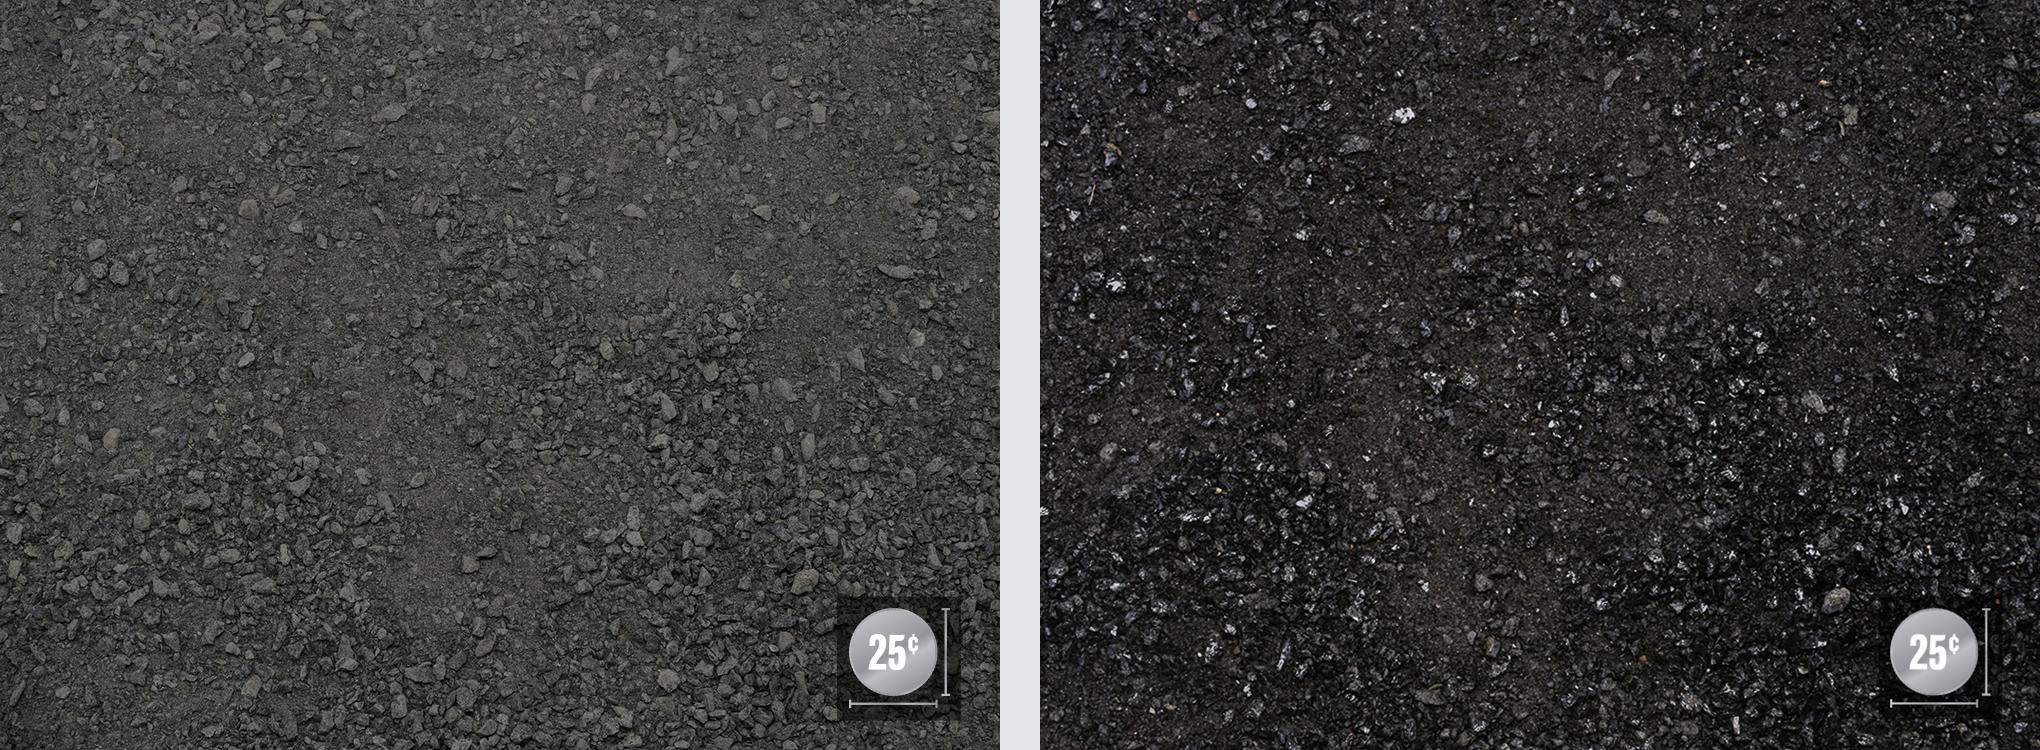 Screenings (Left: Dry, Right: Wet)